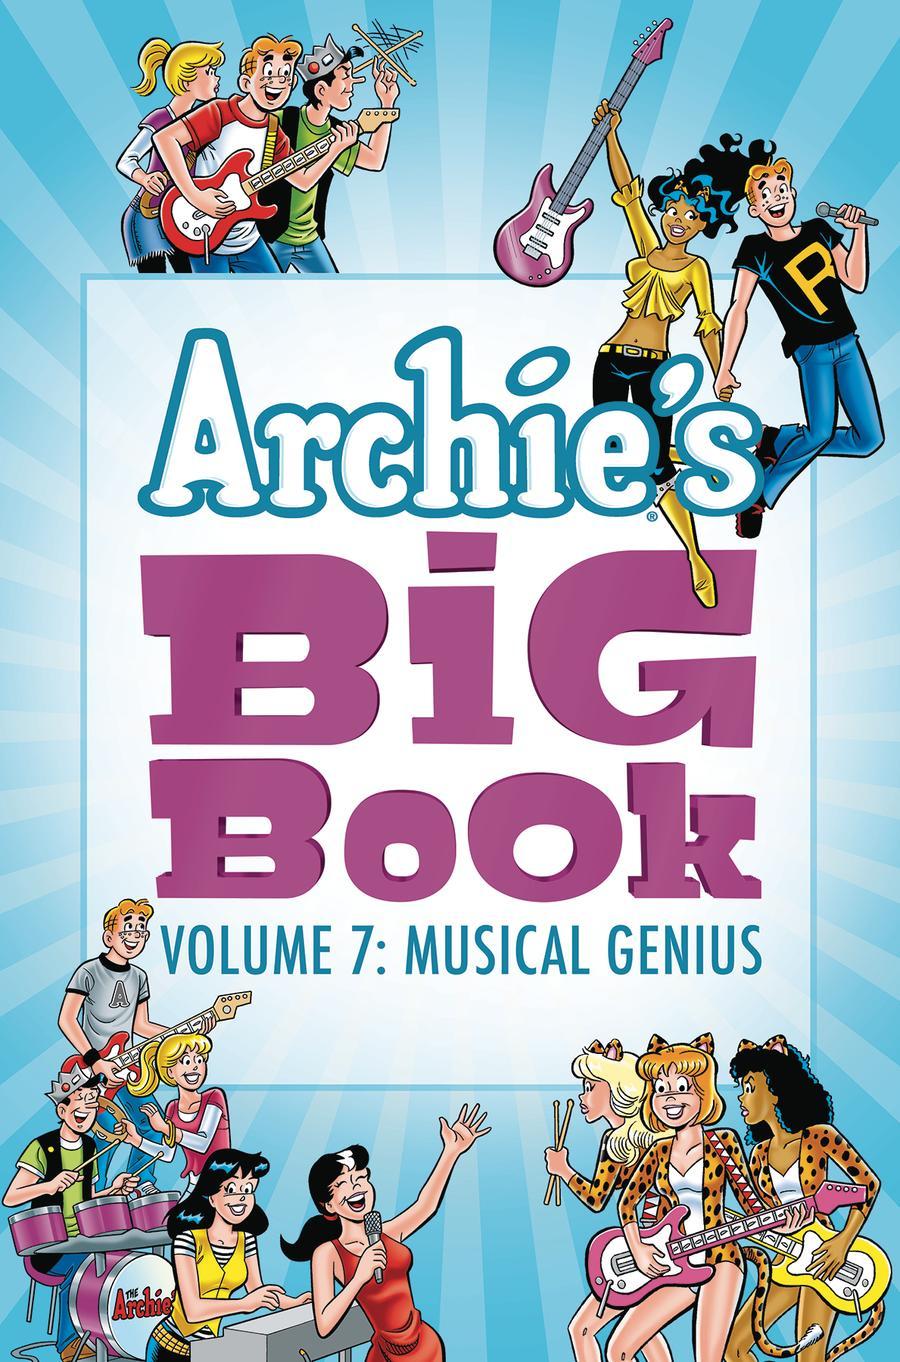 Archies Big Book Vol 7 Musical Genius TP